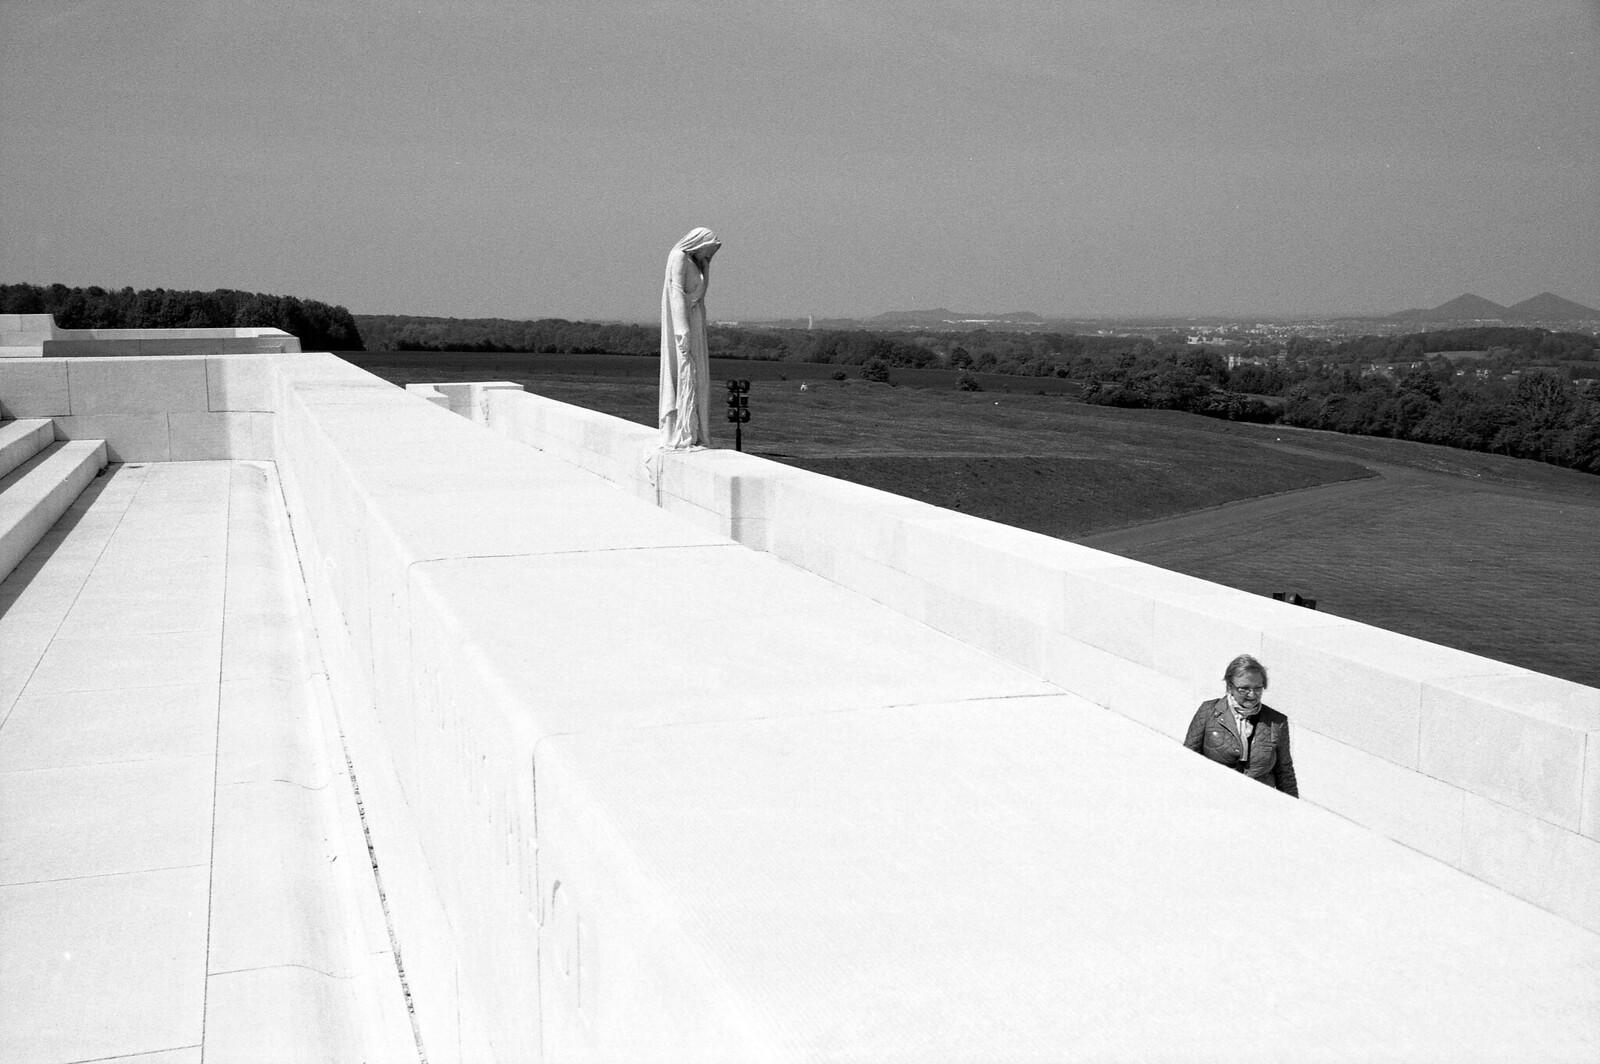 Monument de Vimy en noir et blanc argentique